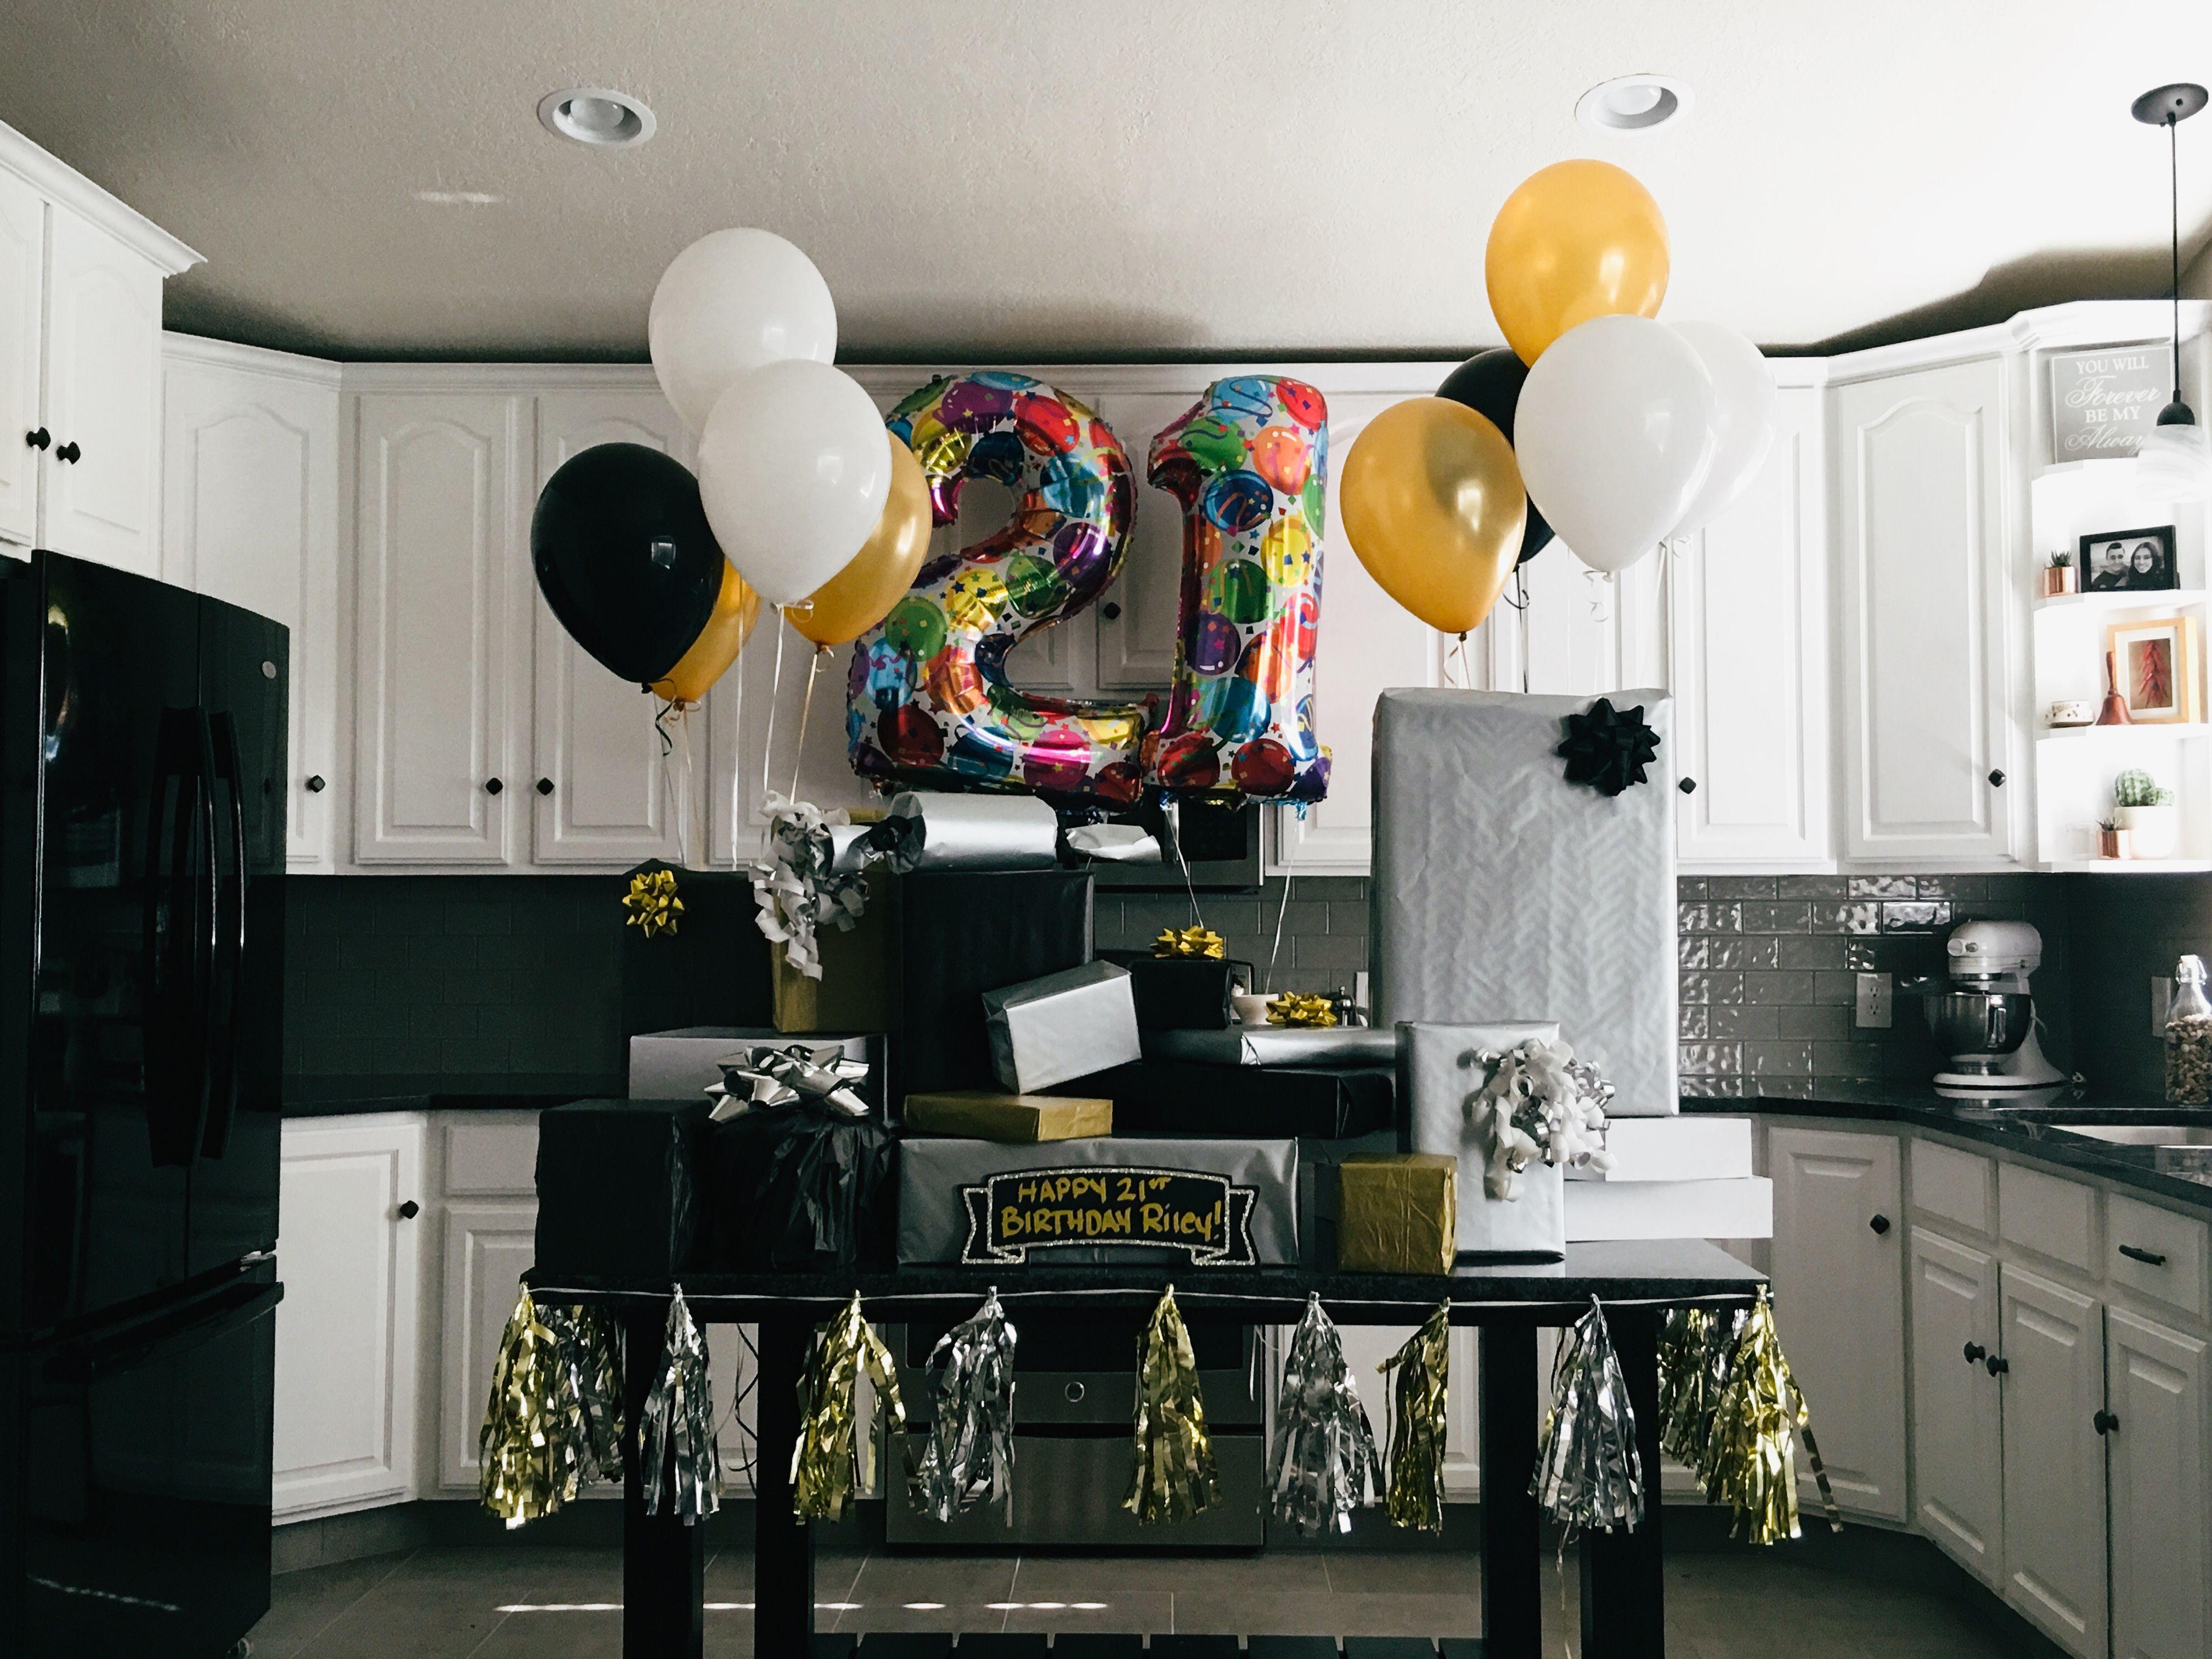 21st birthday surprise presents for boyfriend birthday or